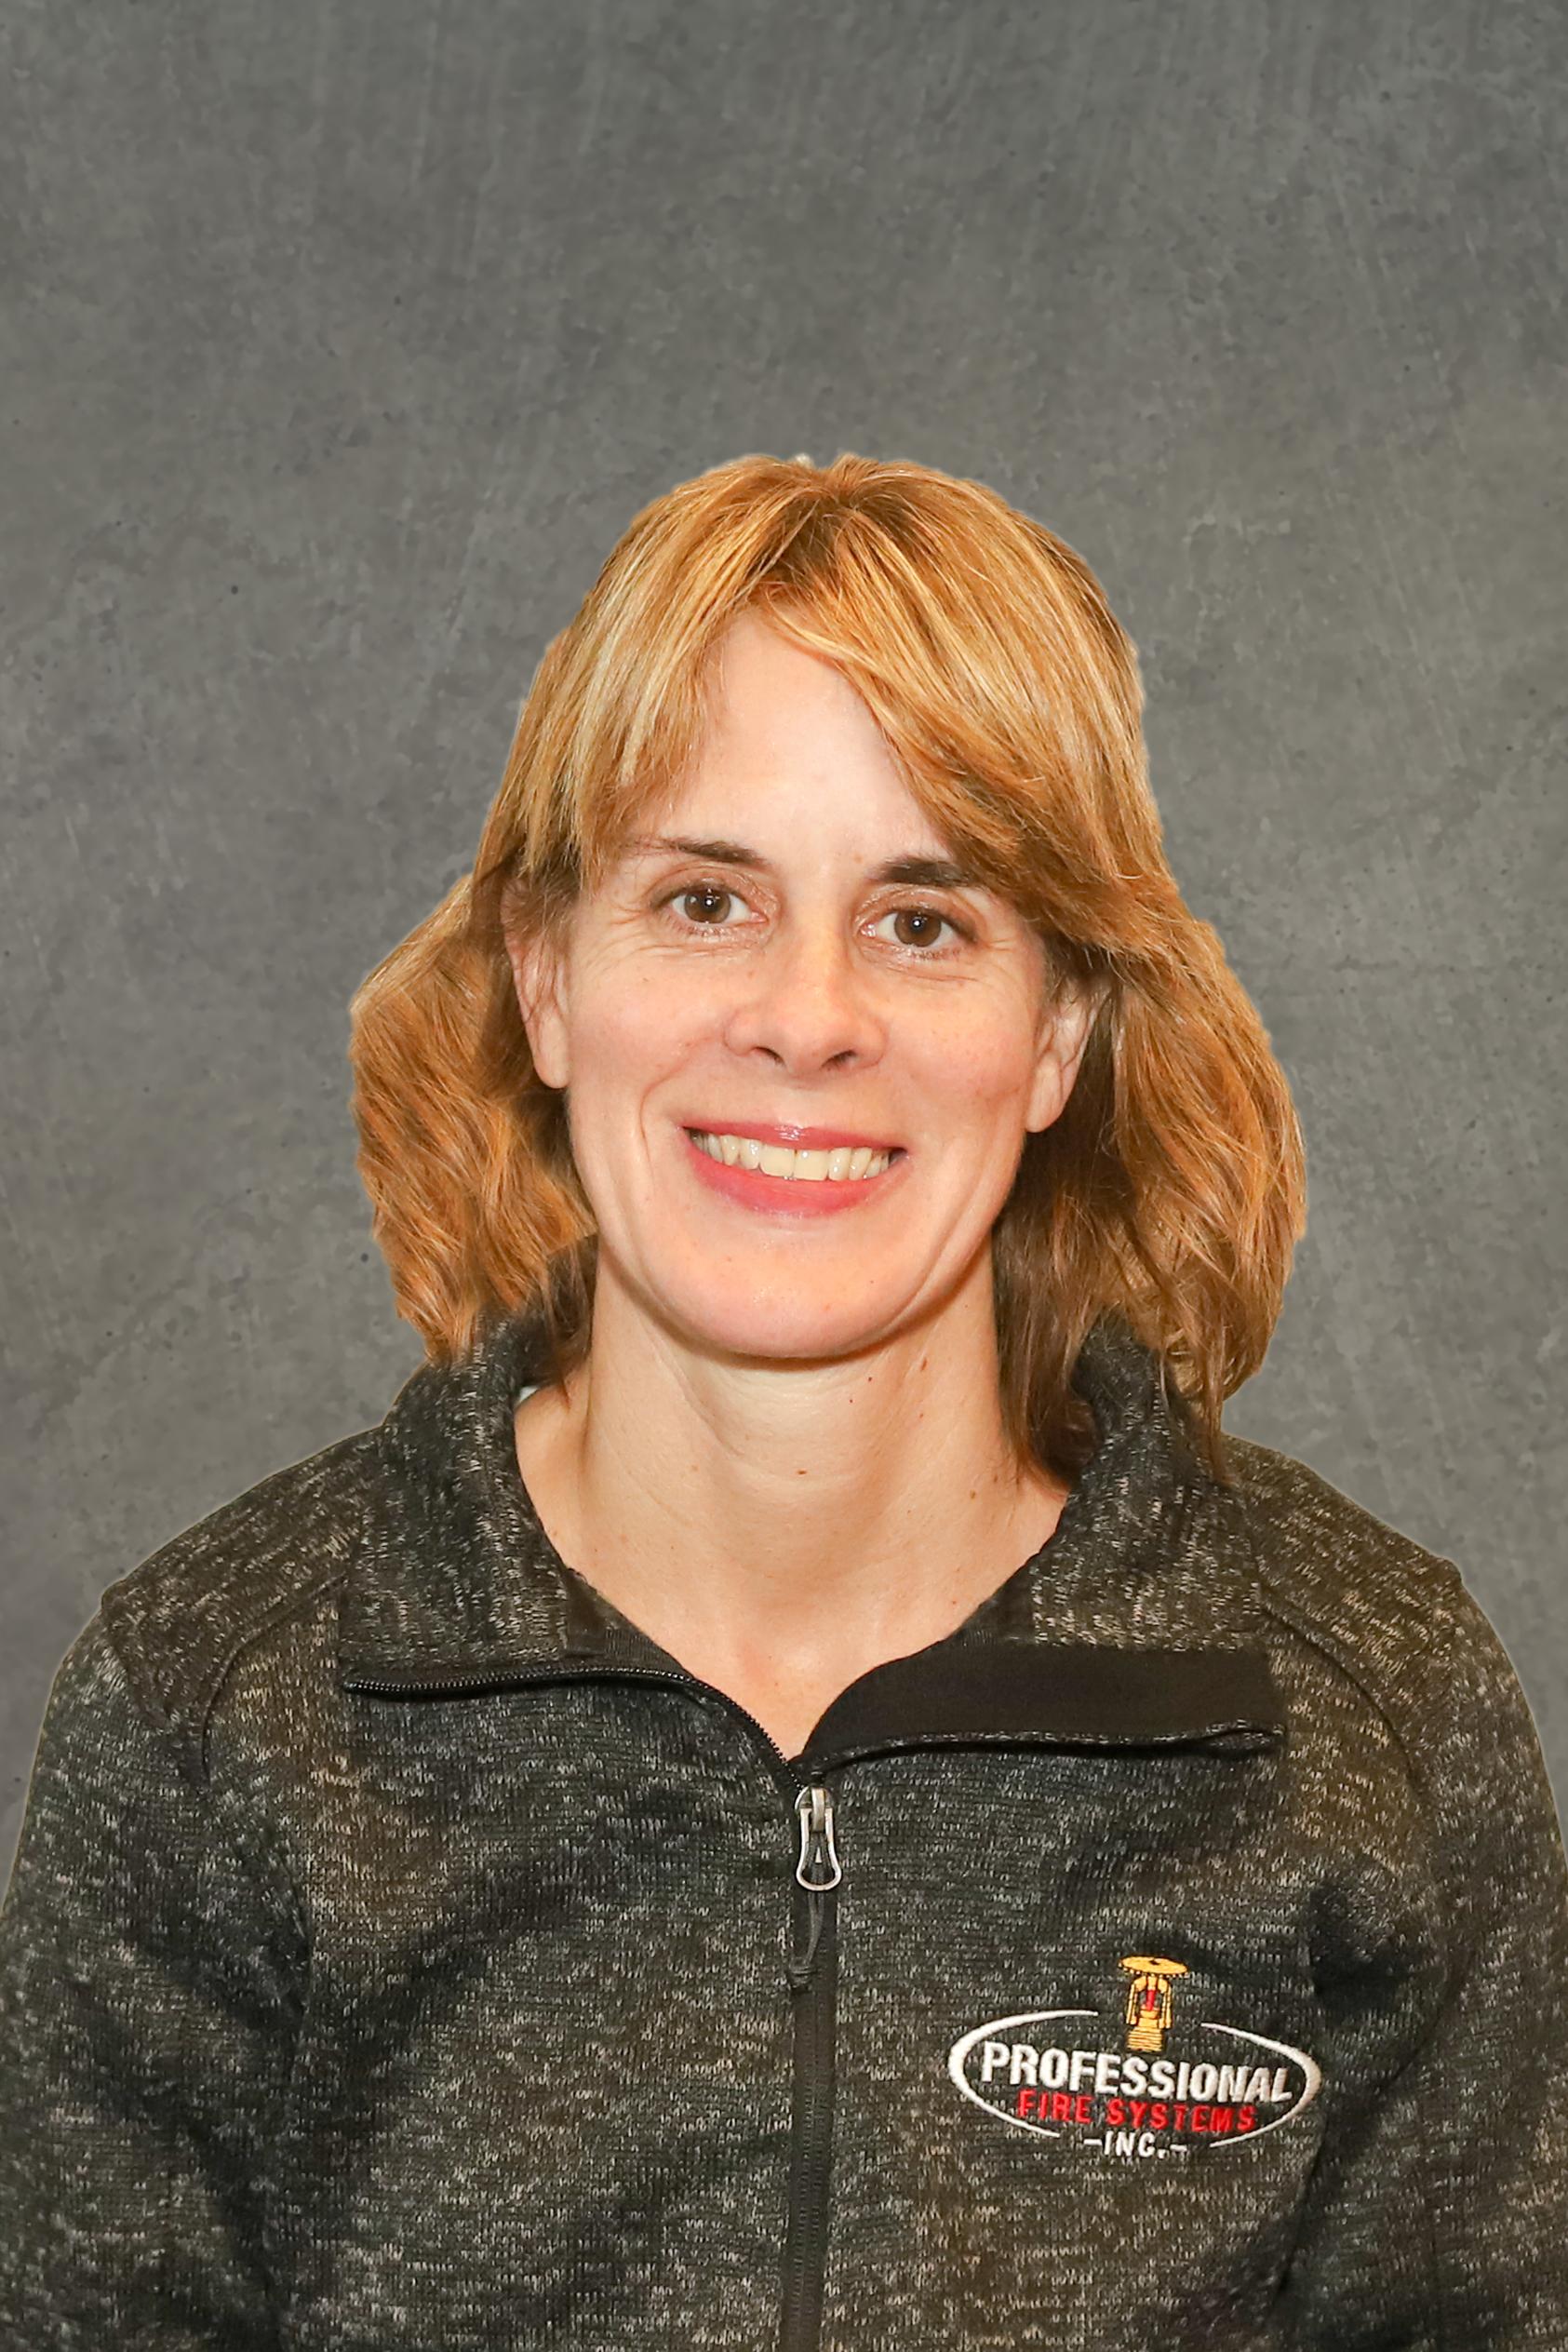 Michelle Remillard